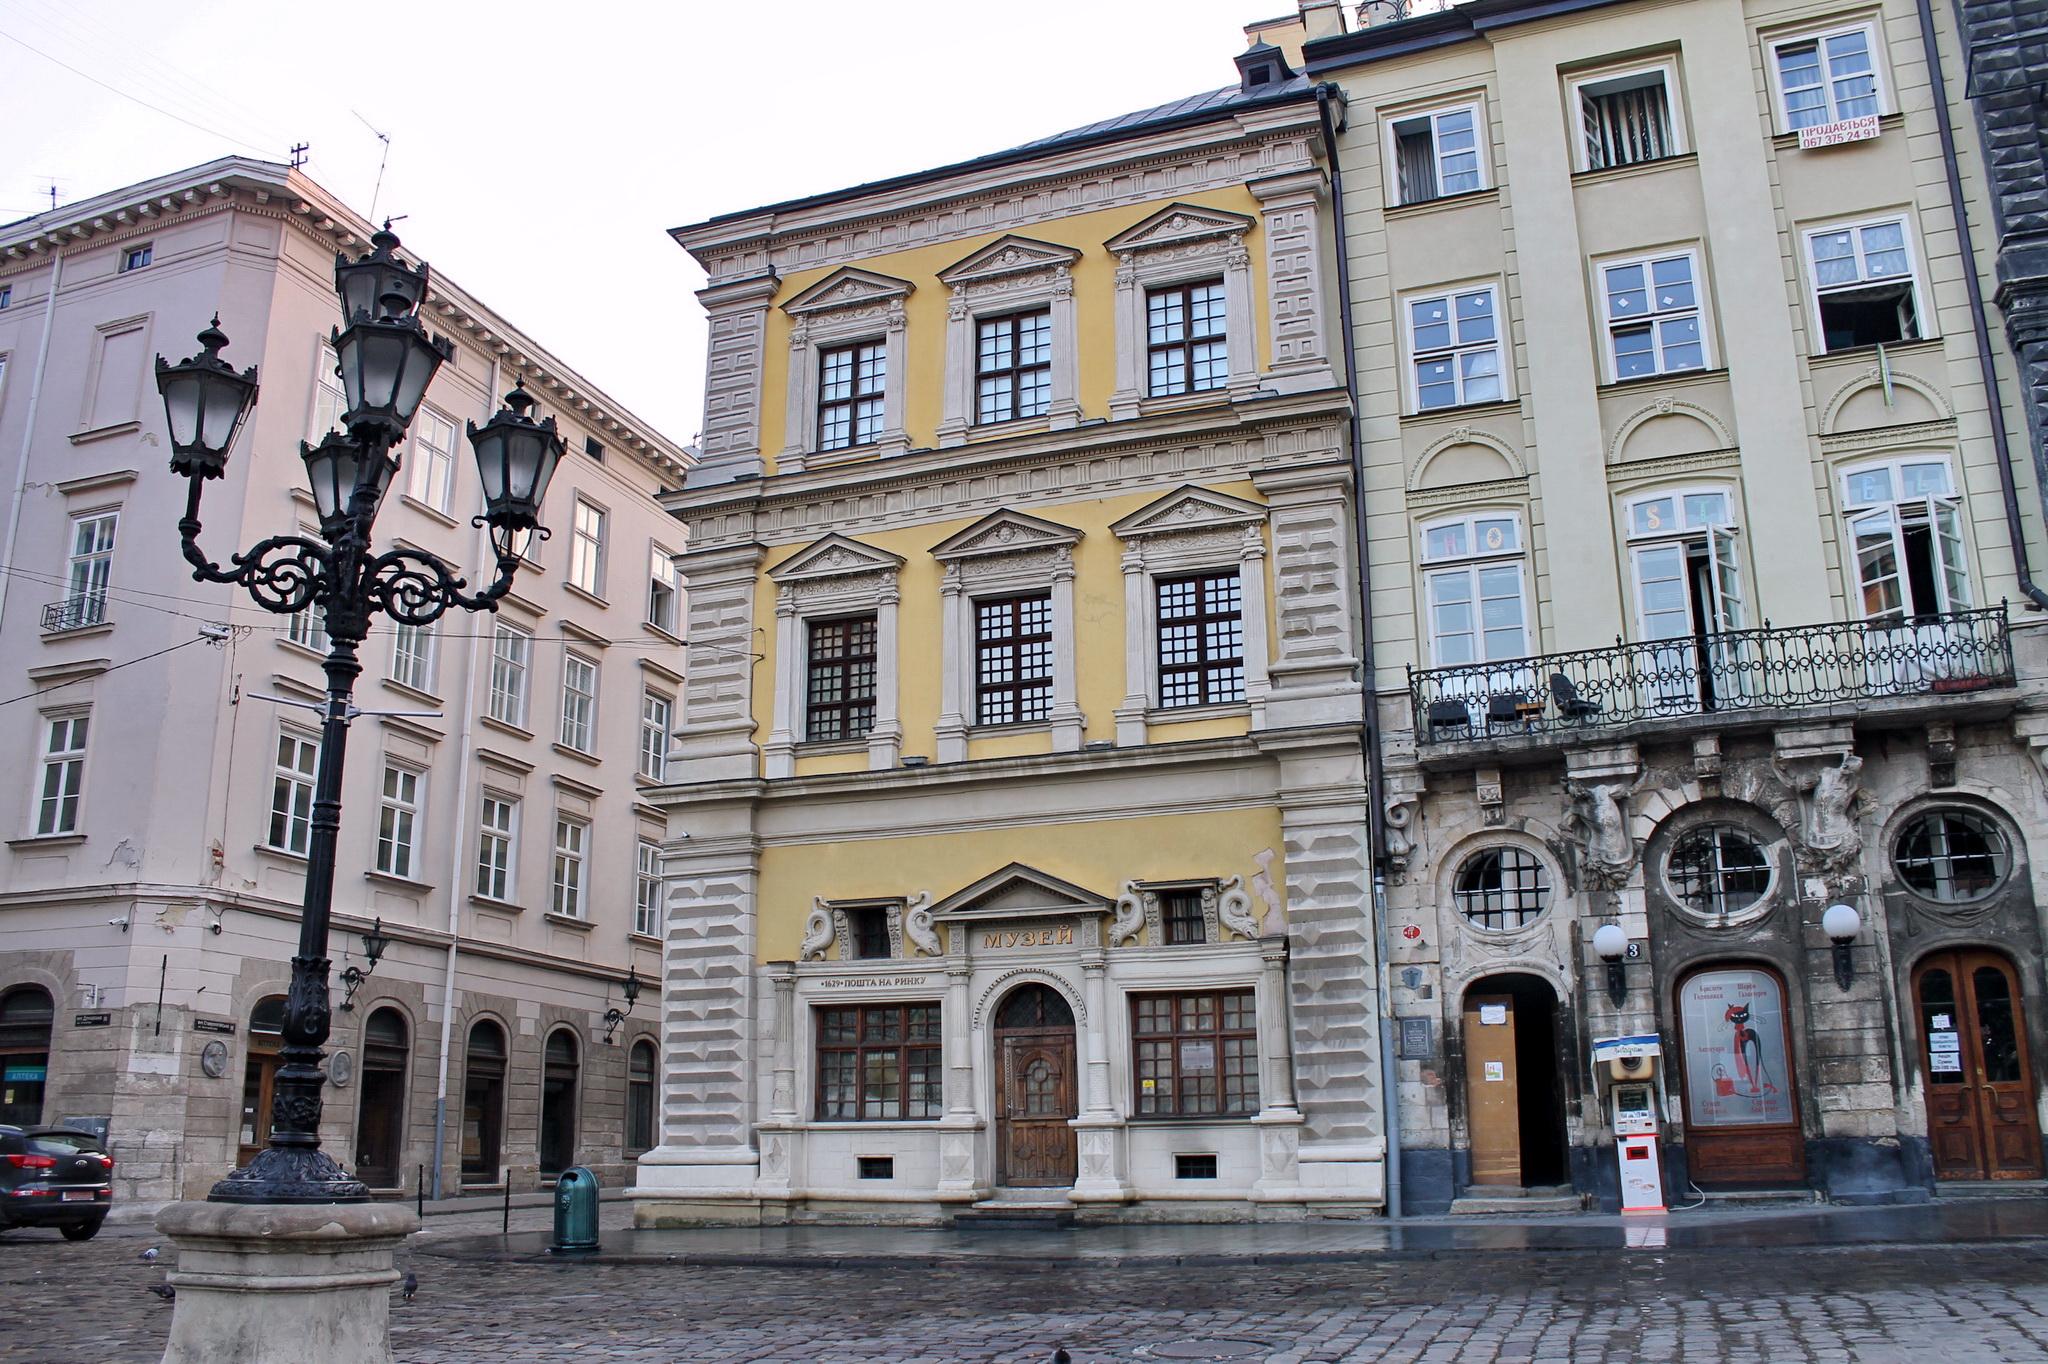 Львівська пошта була першою в Україні